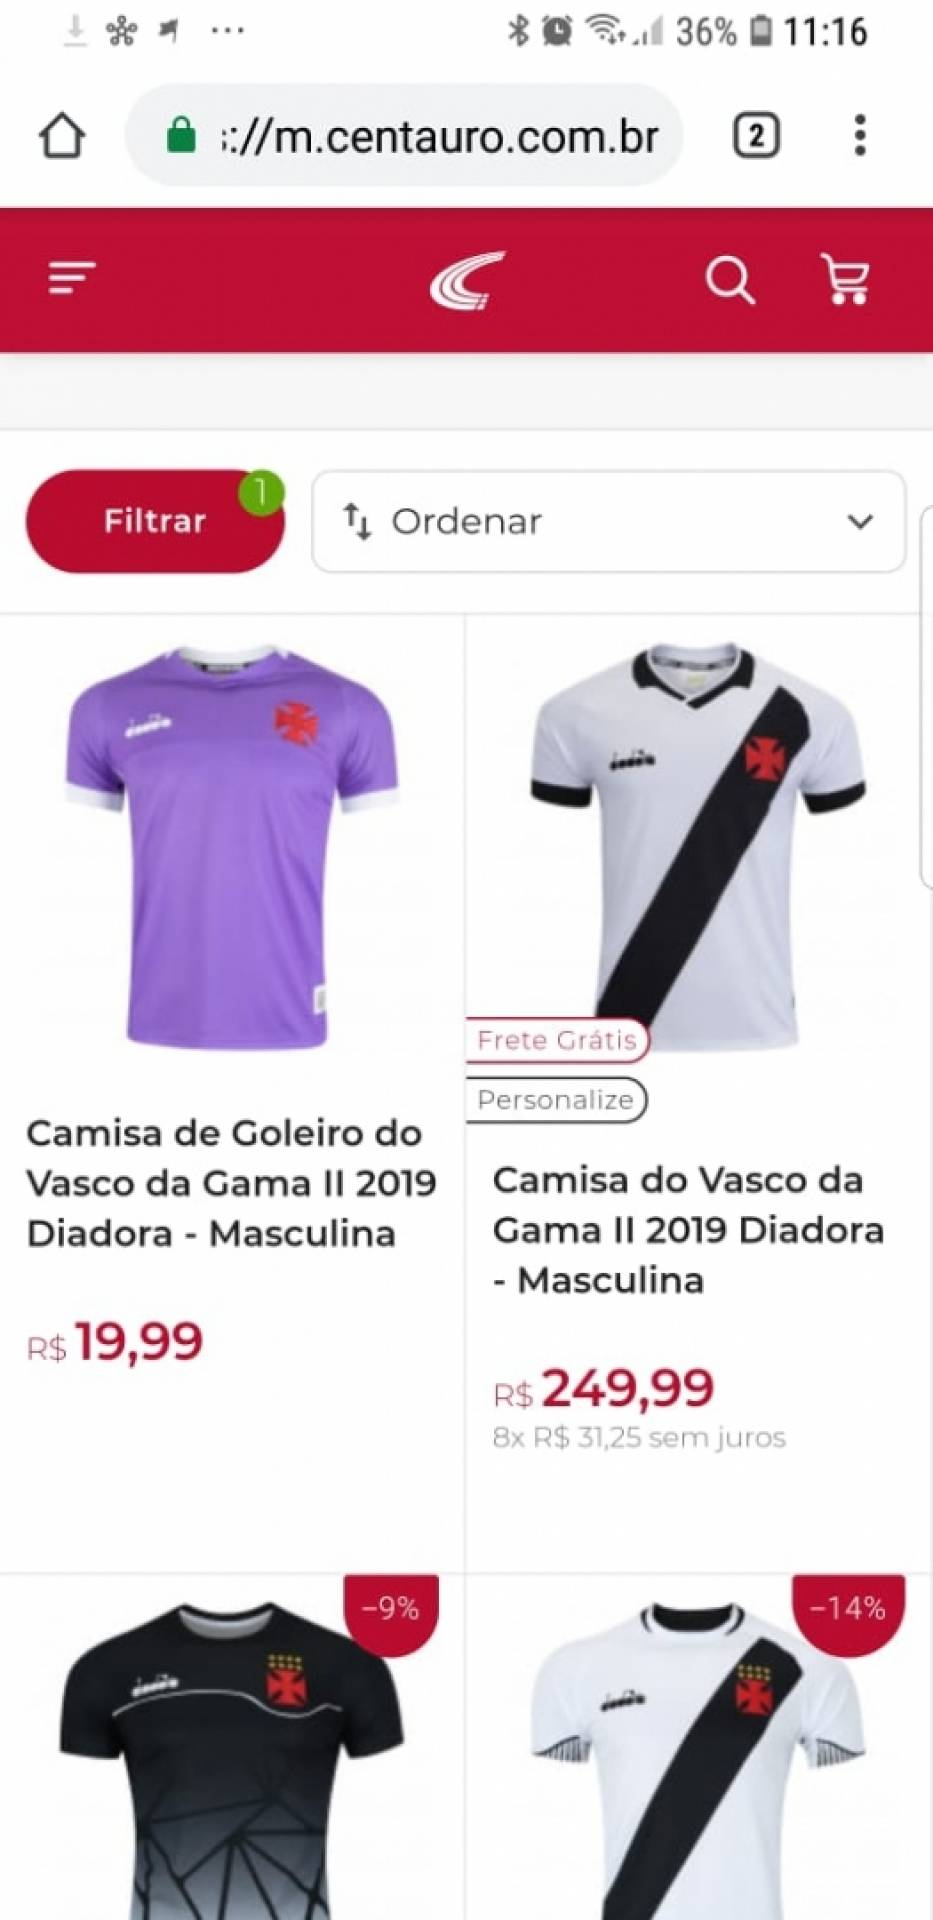 d806213c07 Loja de material esportivo comete erro em valor de camisa do Vasco -  Reprodução